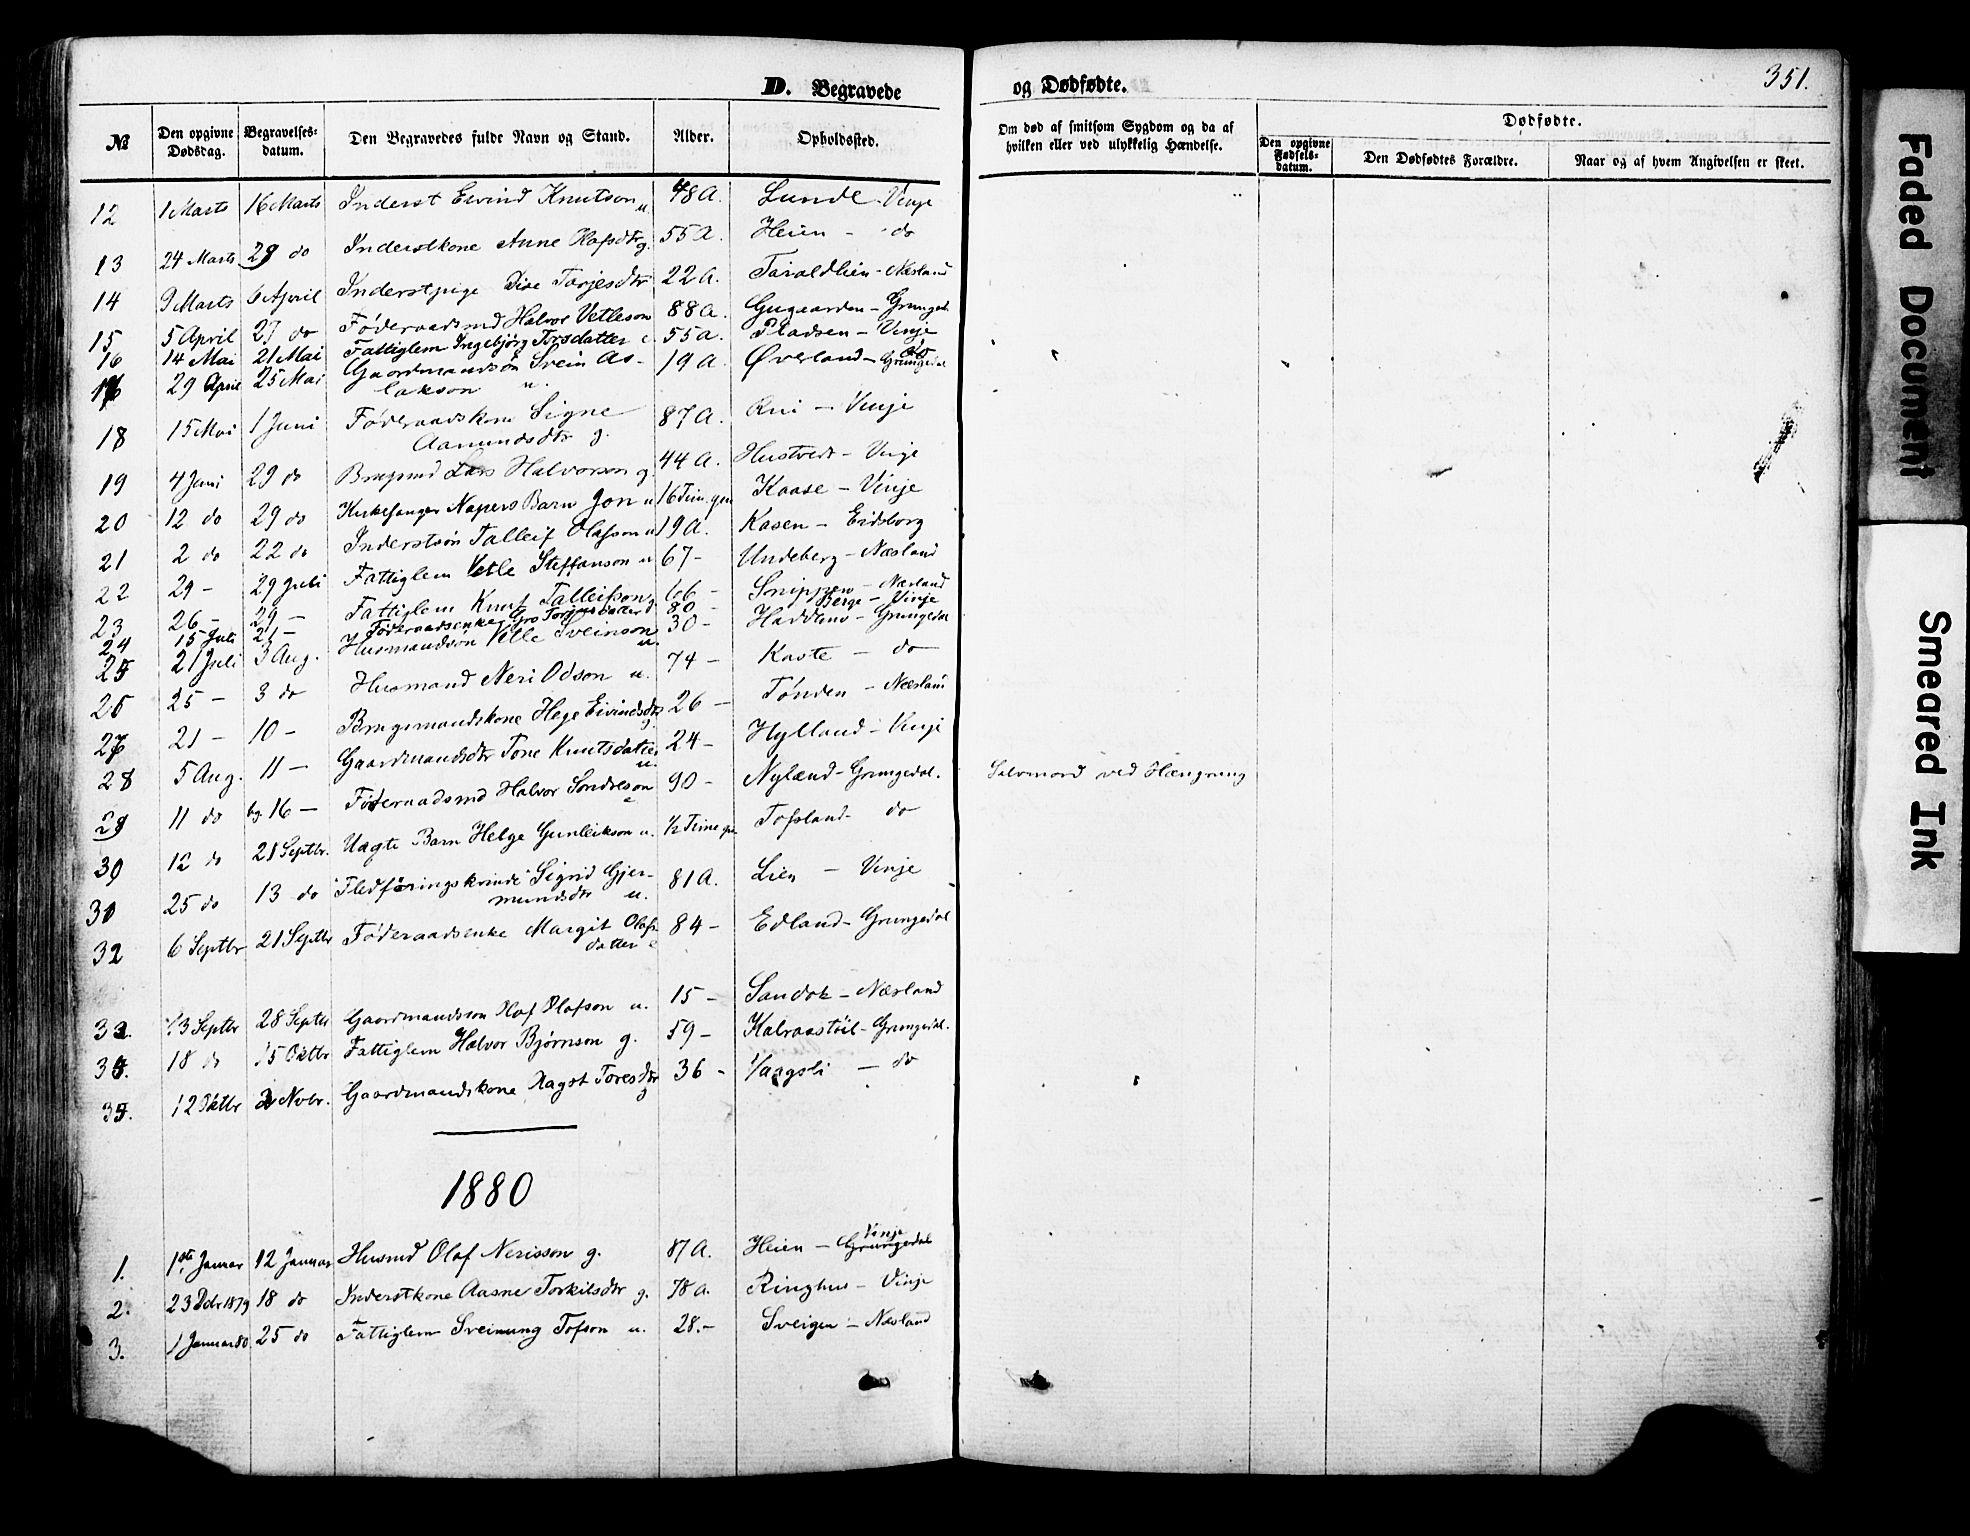 SAKO, Vinje kirkebøker, F/Fa/L0005: Ministerialbok nr. I 5, 1870-1886, s. 351